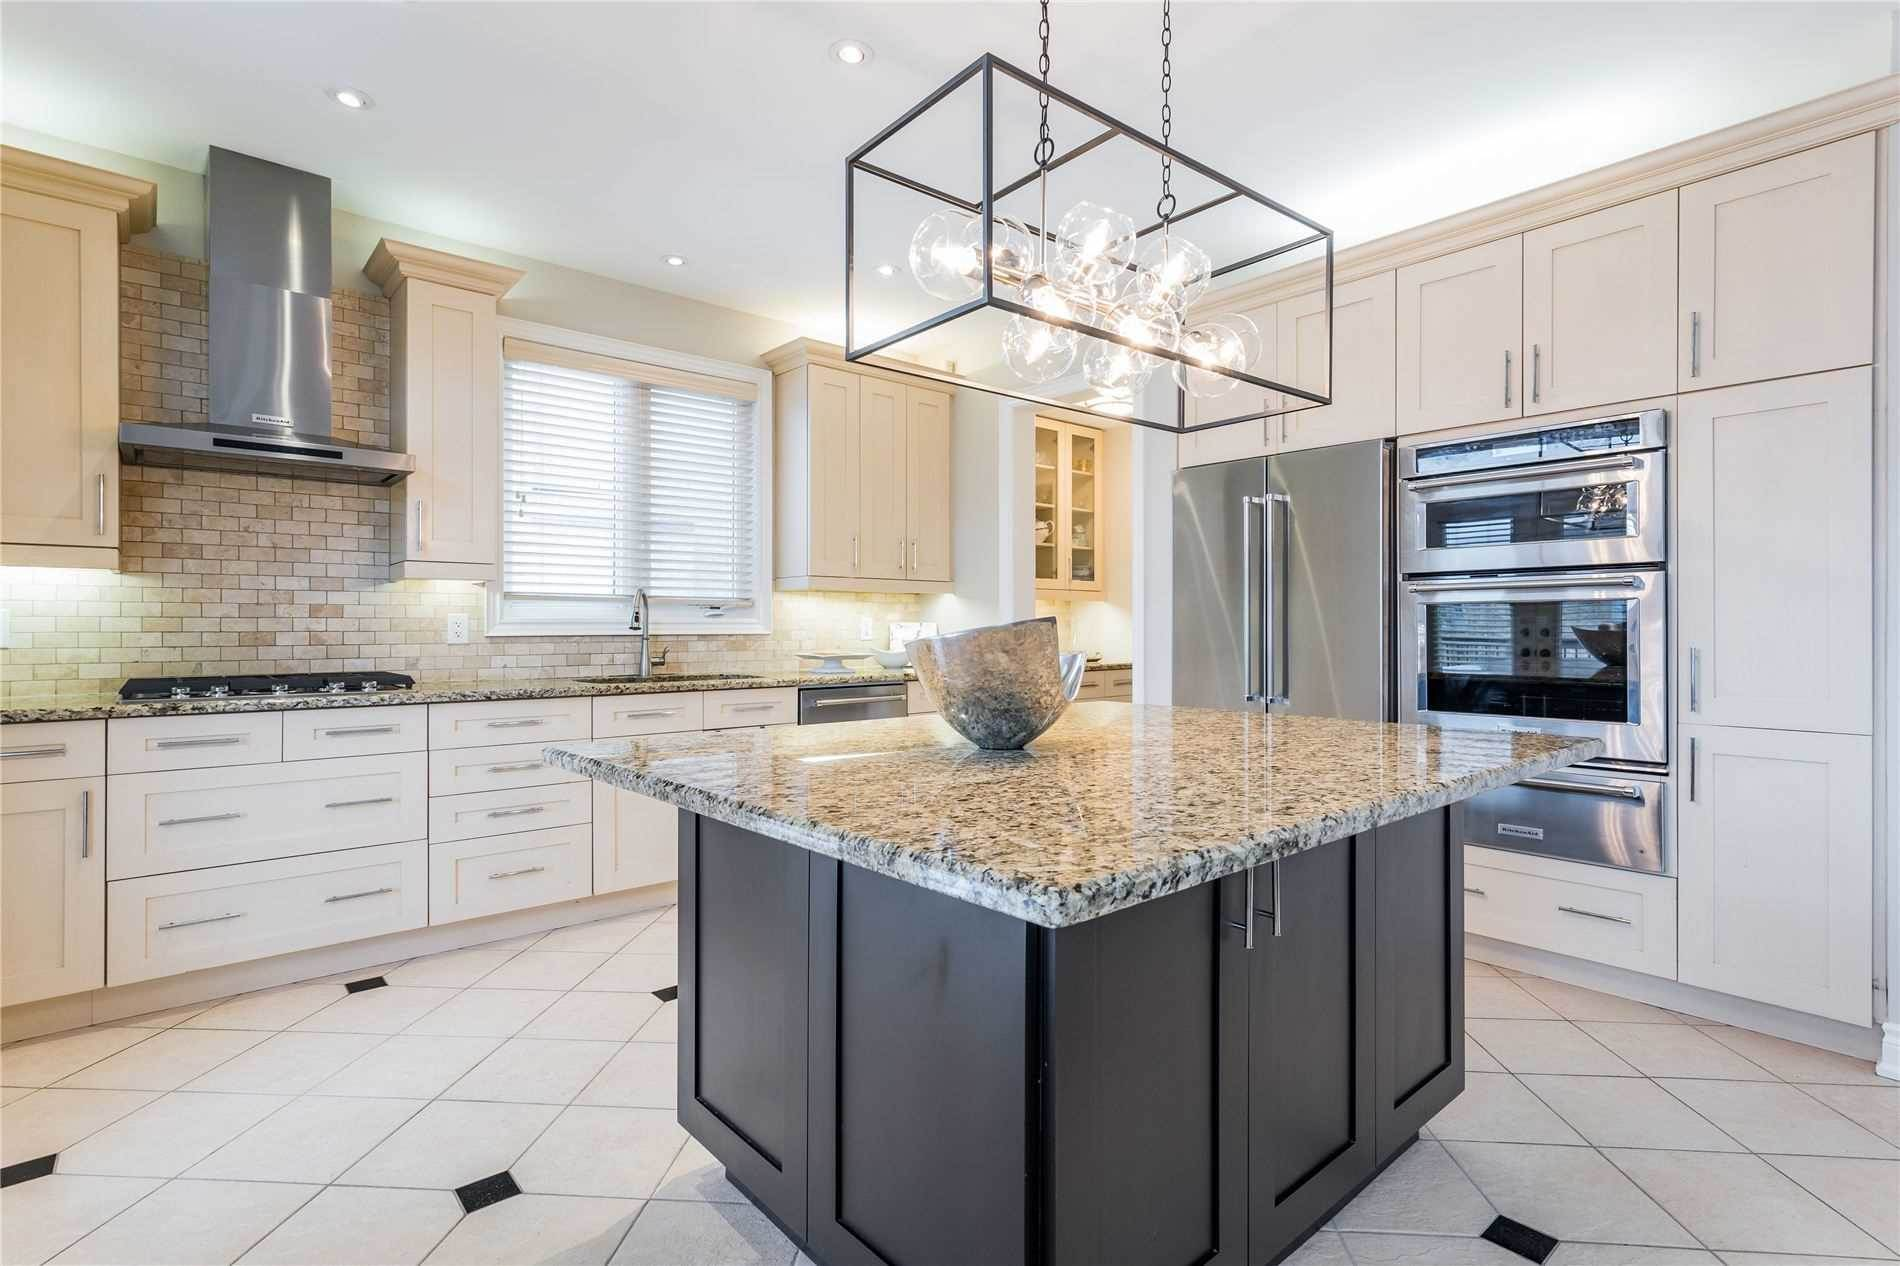 2385 Rideau Dr, Oakville House For Sale